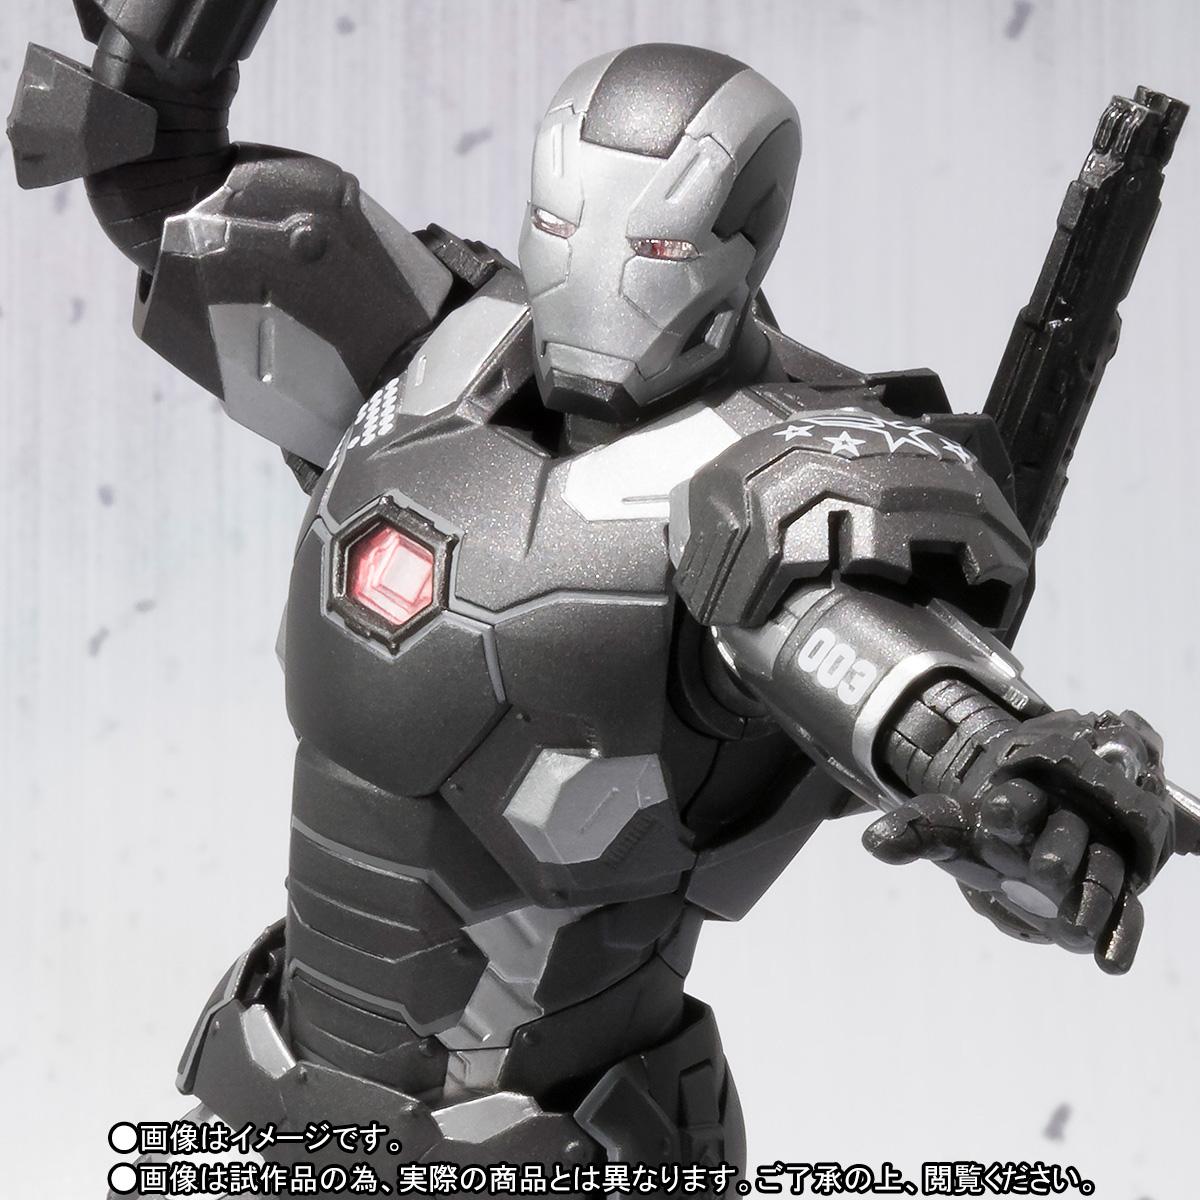 [Comentários] Marvel S.H.Figuarts - Página 2 FlM8F35f